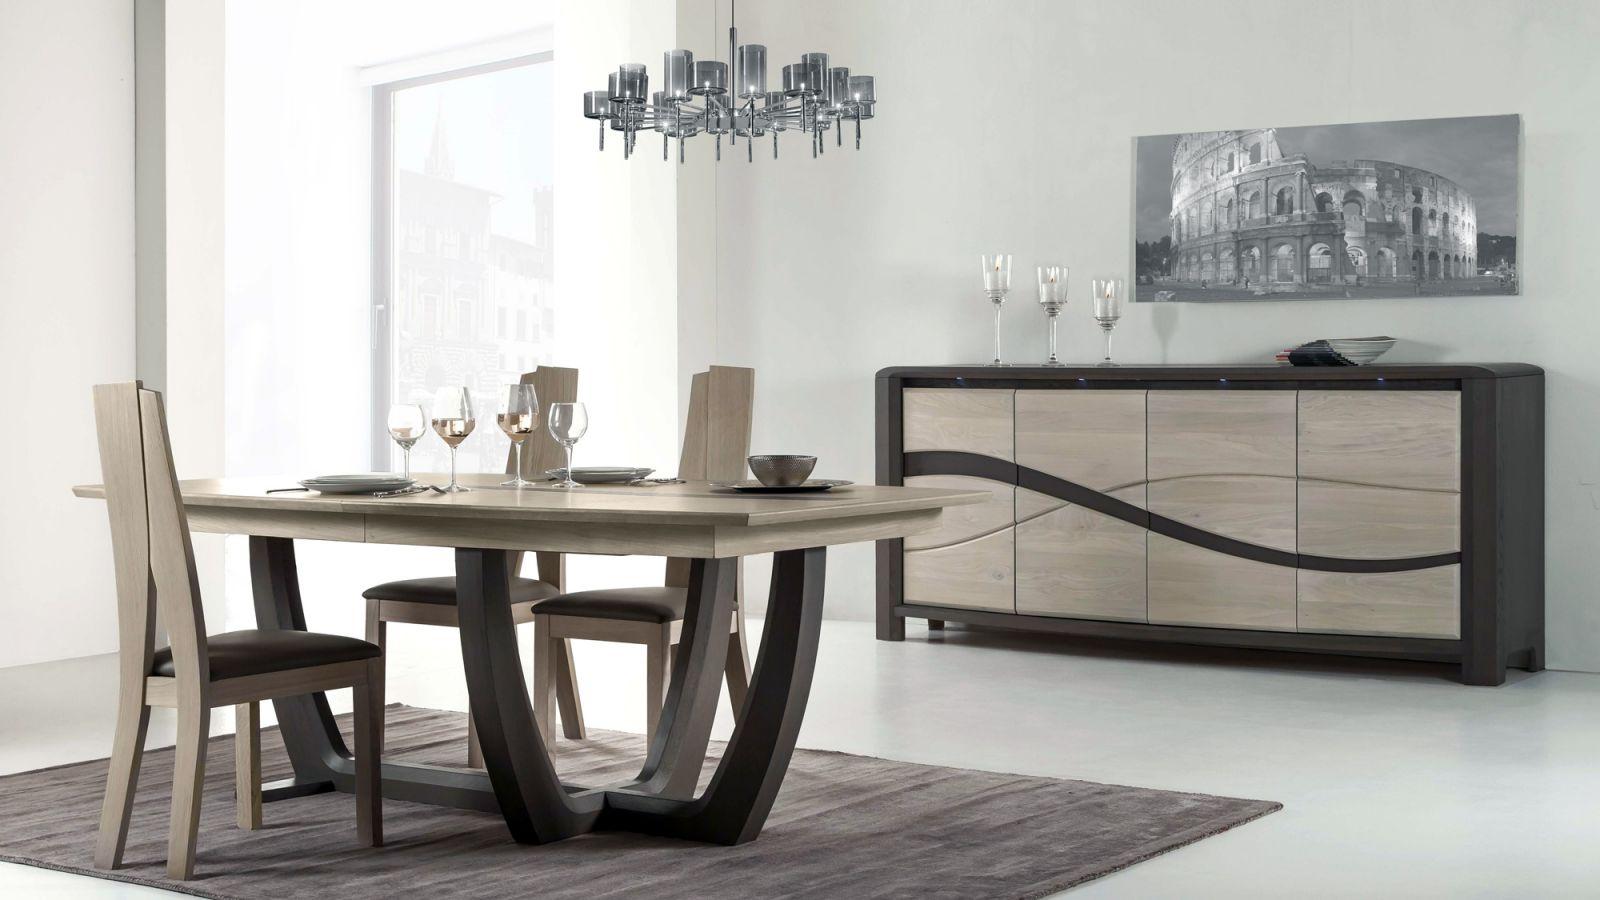 Grange marque fran aise de meubles meuble et d coration for Marque mobilier design